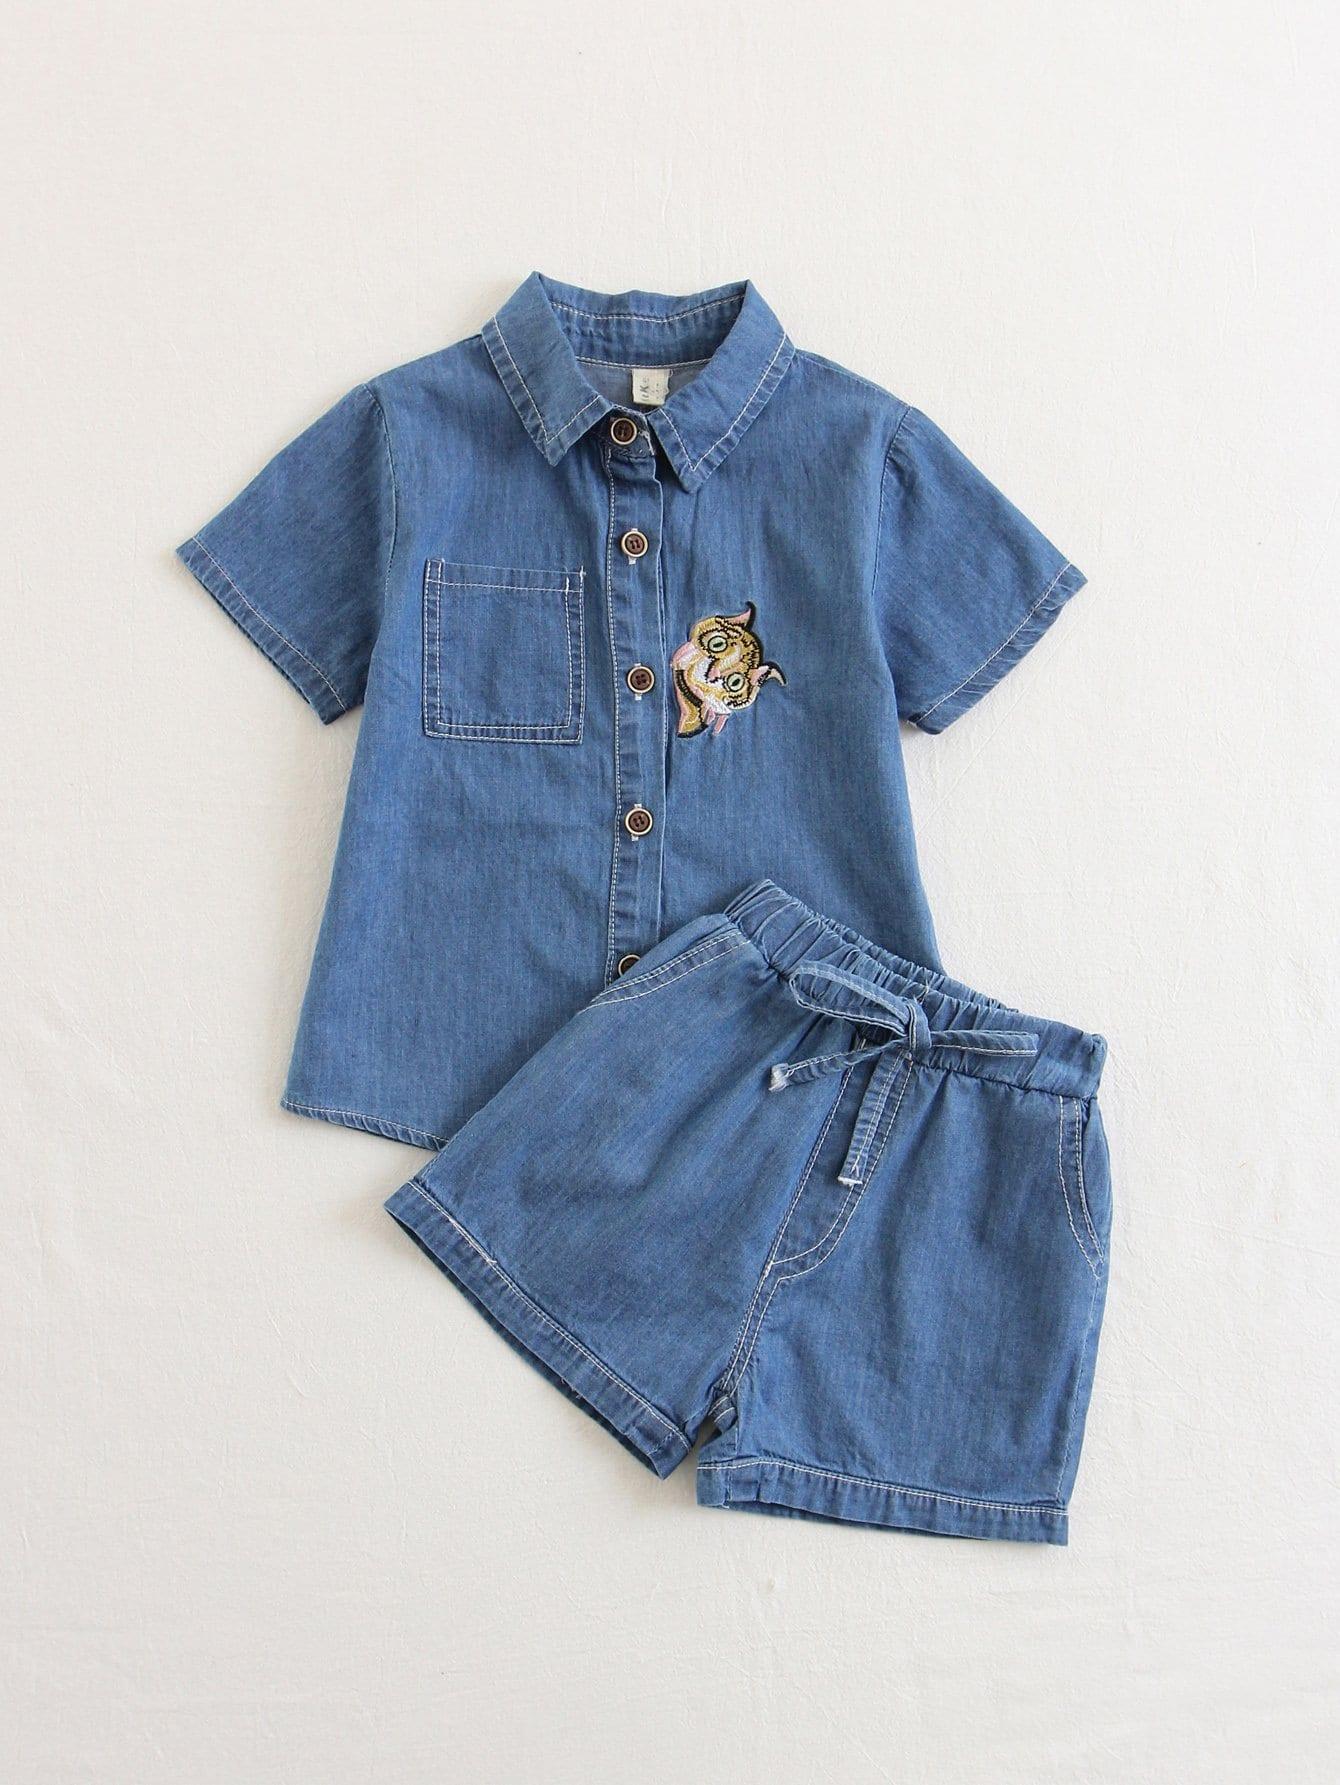 Блузка деним с вышивкой и шорты для детей, null, SheIn  - купить со скидкой